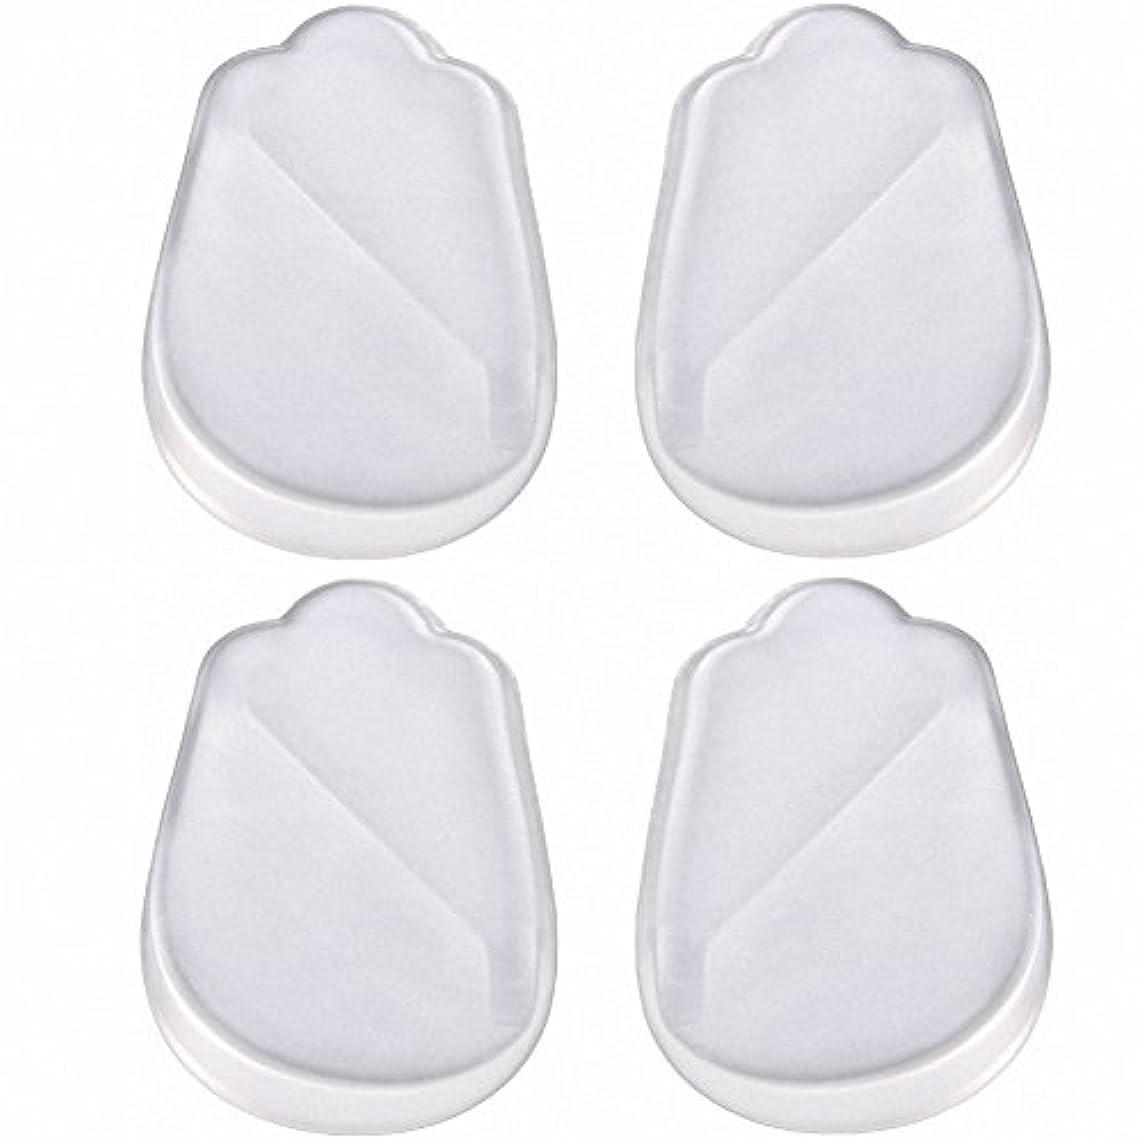 パーツボウリング該当するX脚 O脚 矯正用 かかと インソール 中敷き ジェル シリコン 透明 衝撃を吸収 男女兼用 靴に 入れて 履くだけ 4枚 2足分セット